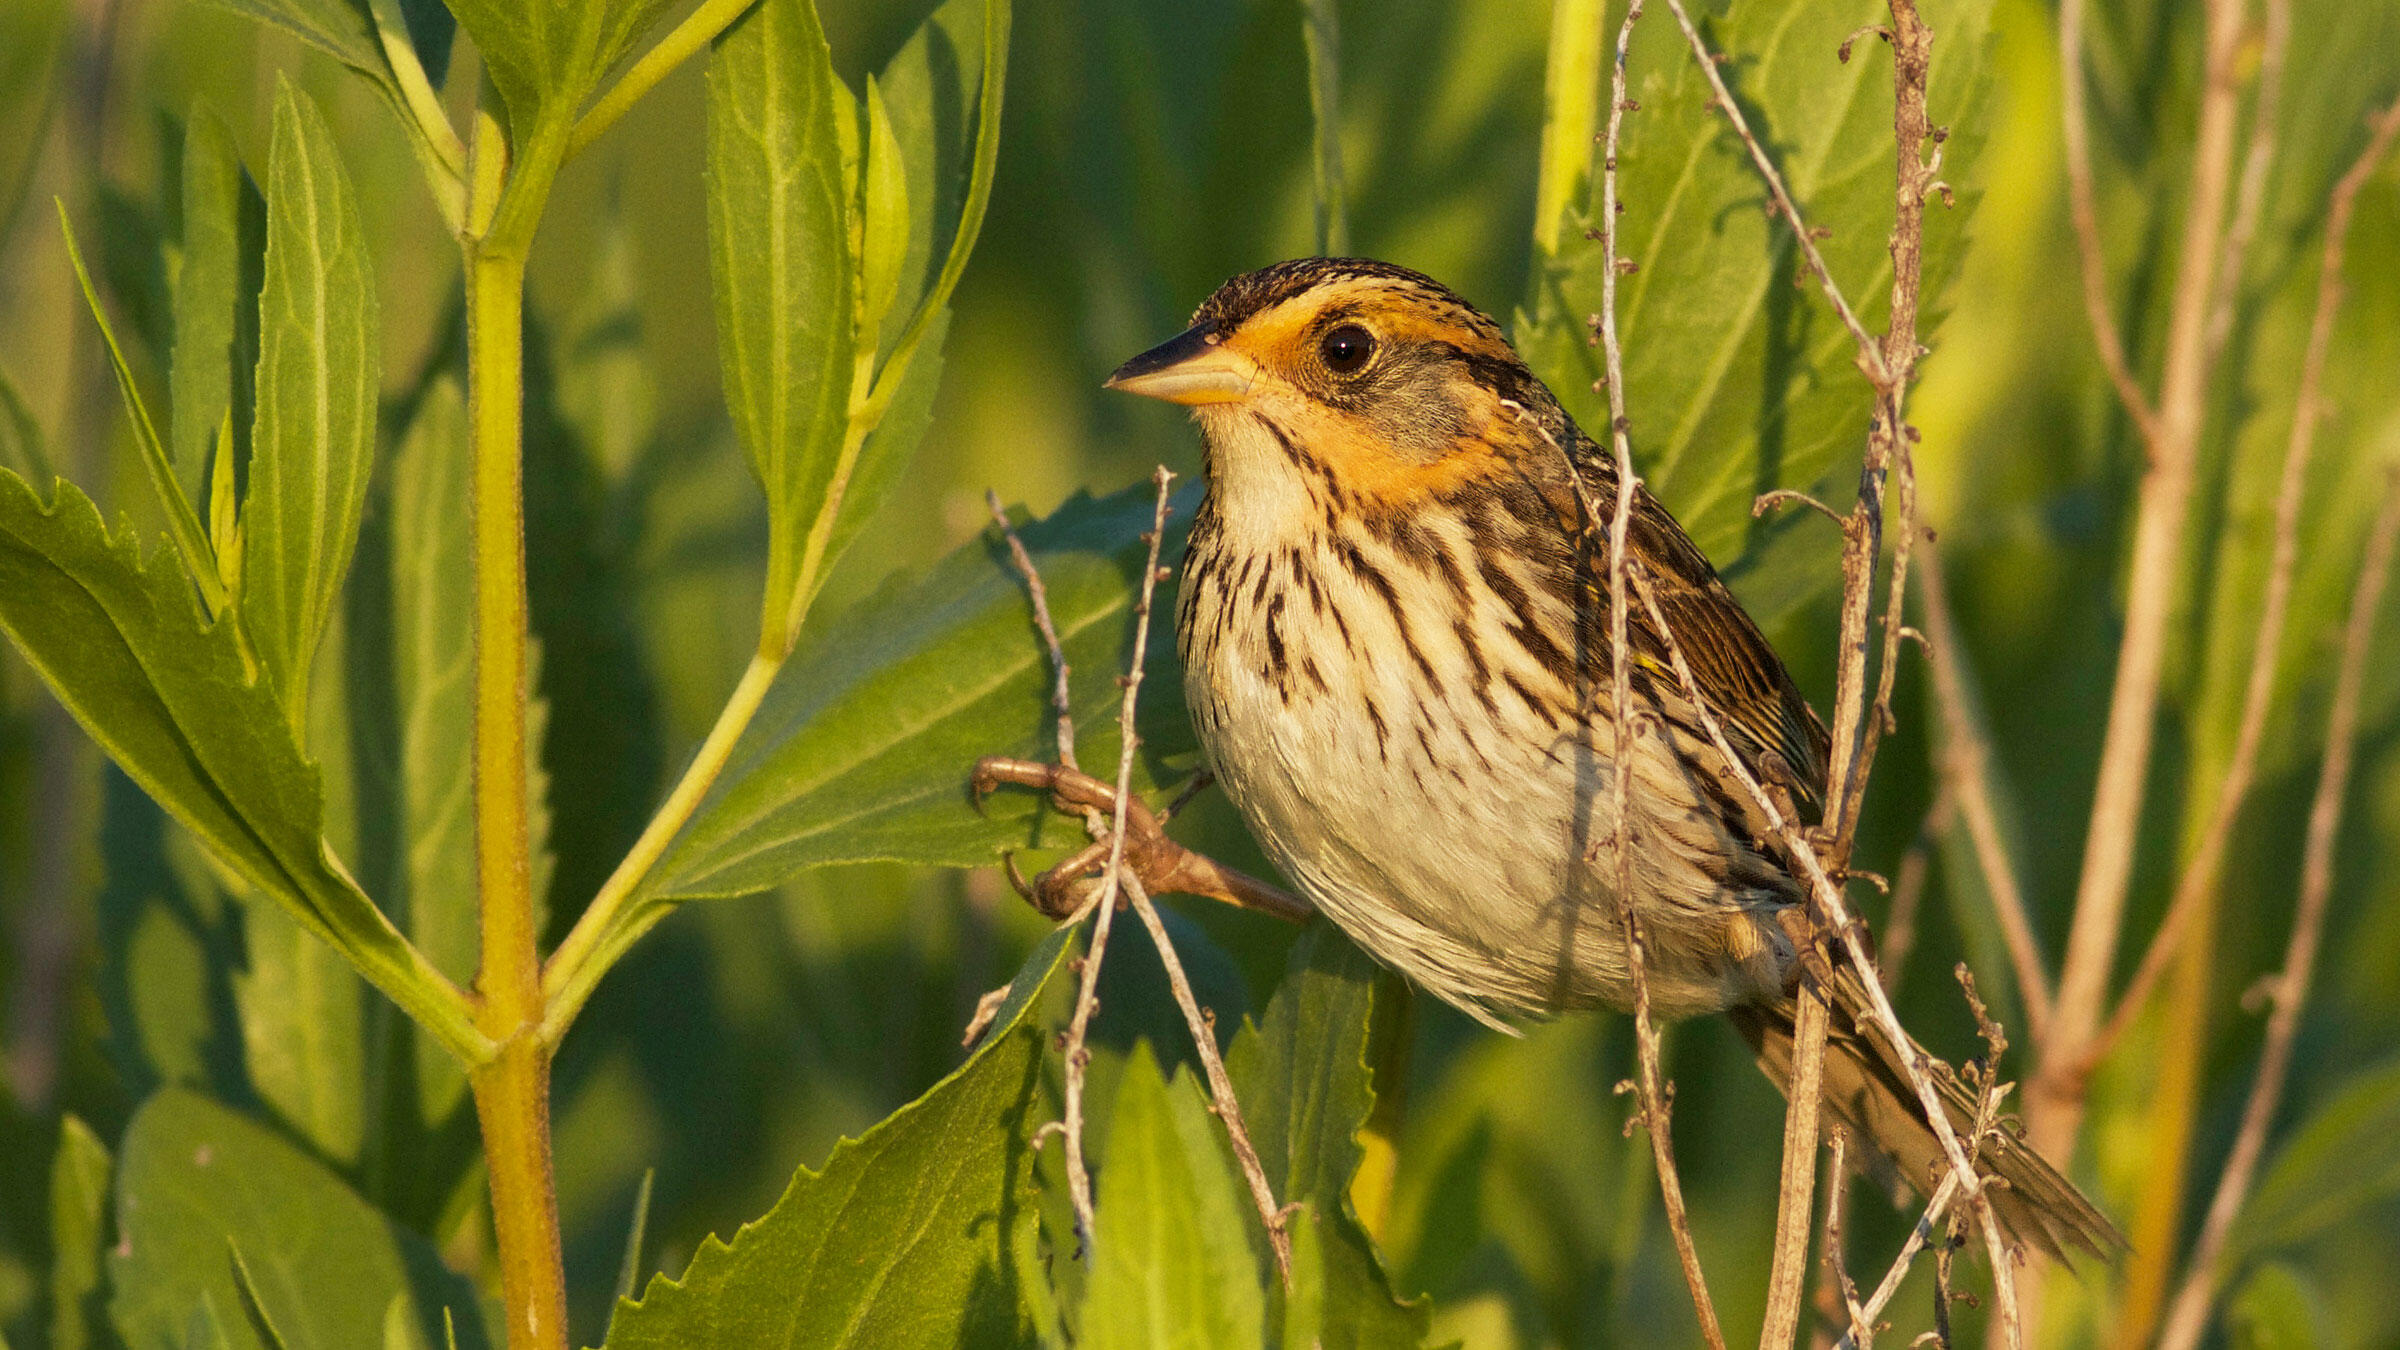 A Saltmarsh Sparrow at Jacobs Point in Warren, Rhode Island. Evan Lipton